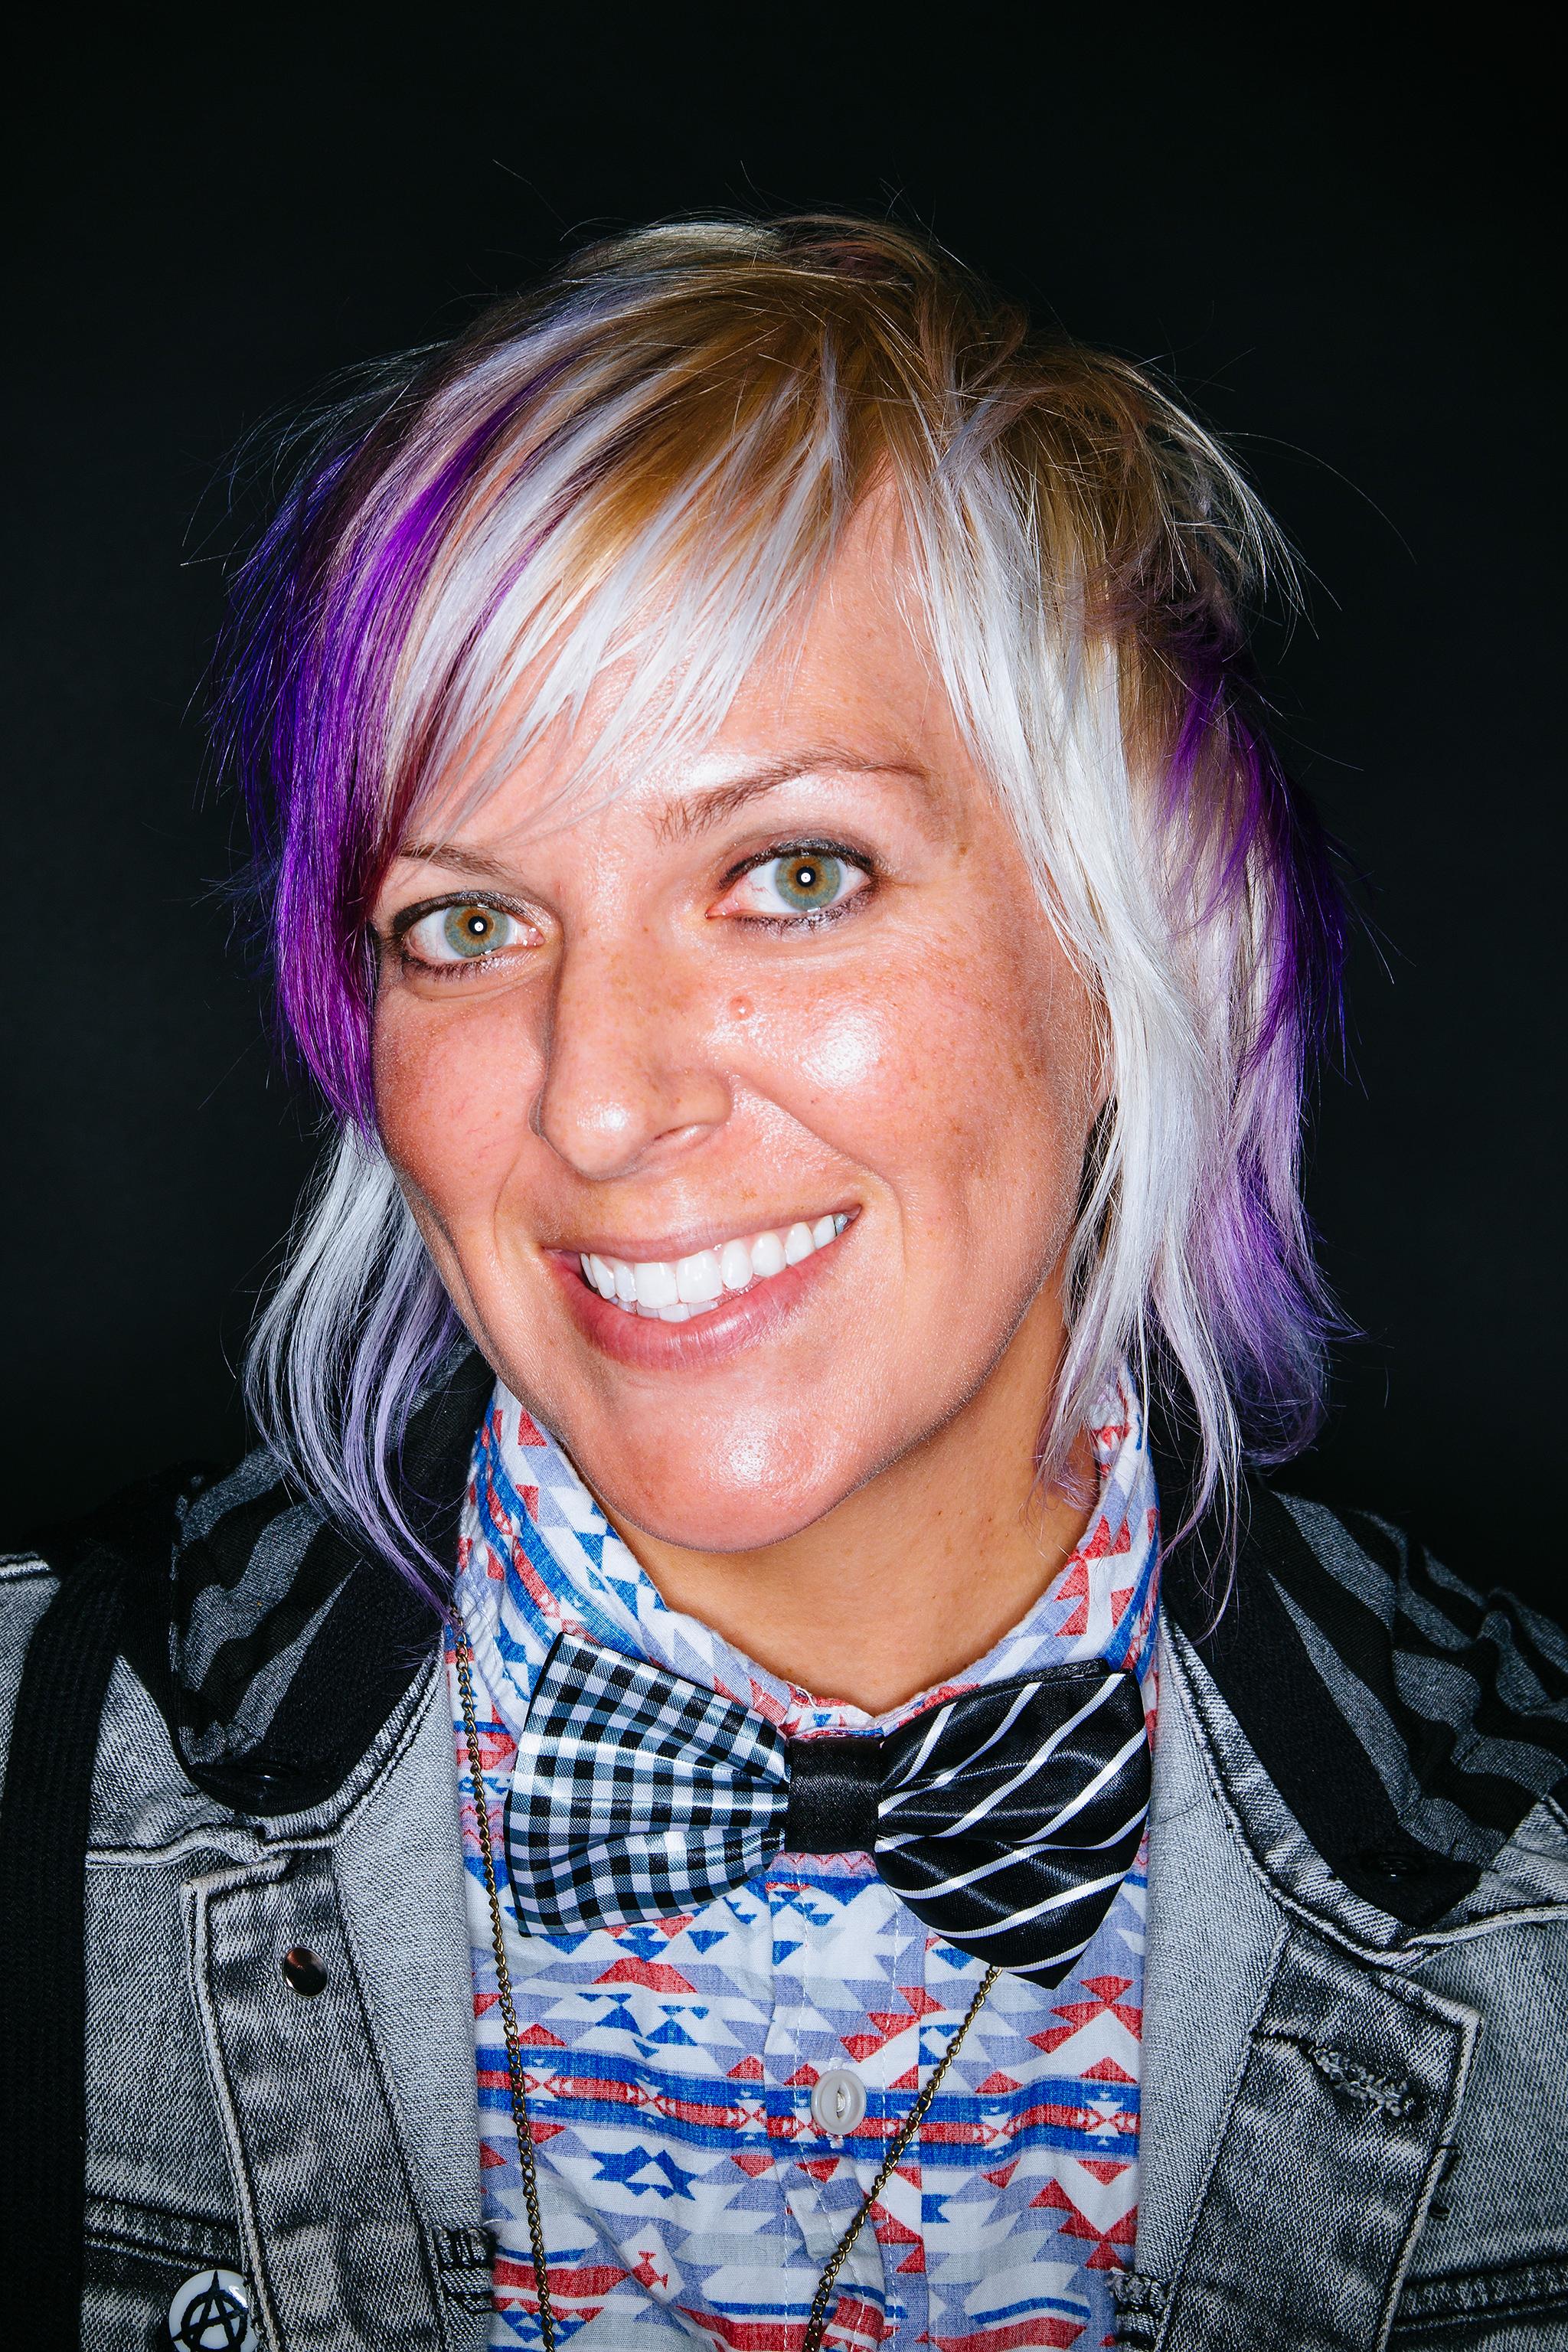 Chrissy Labrecque